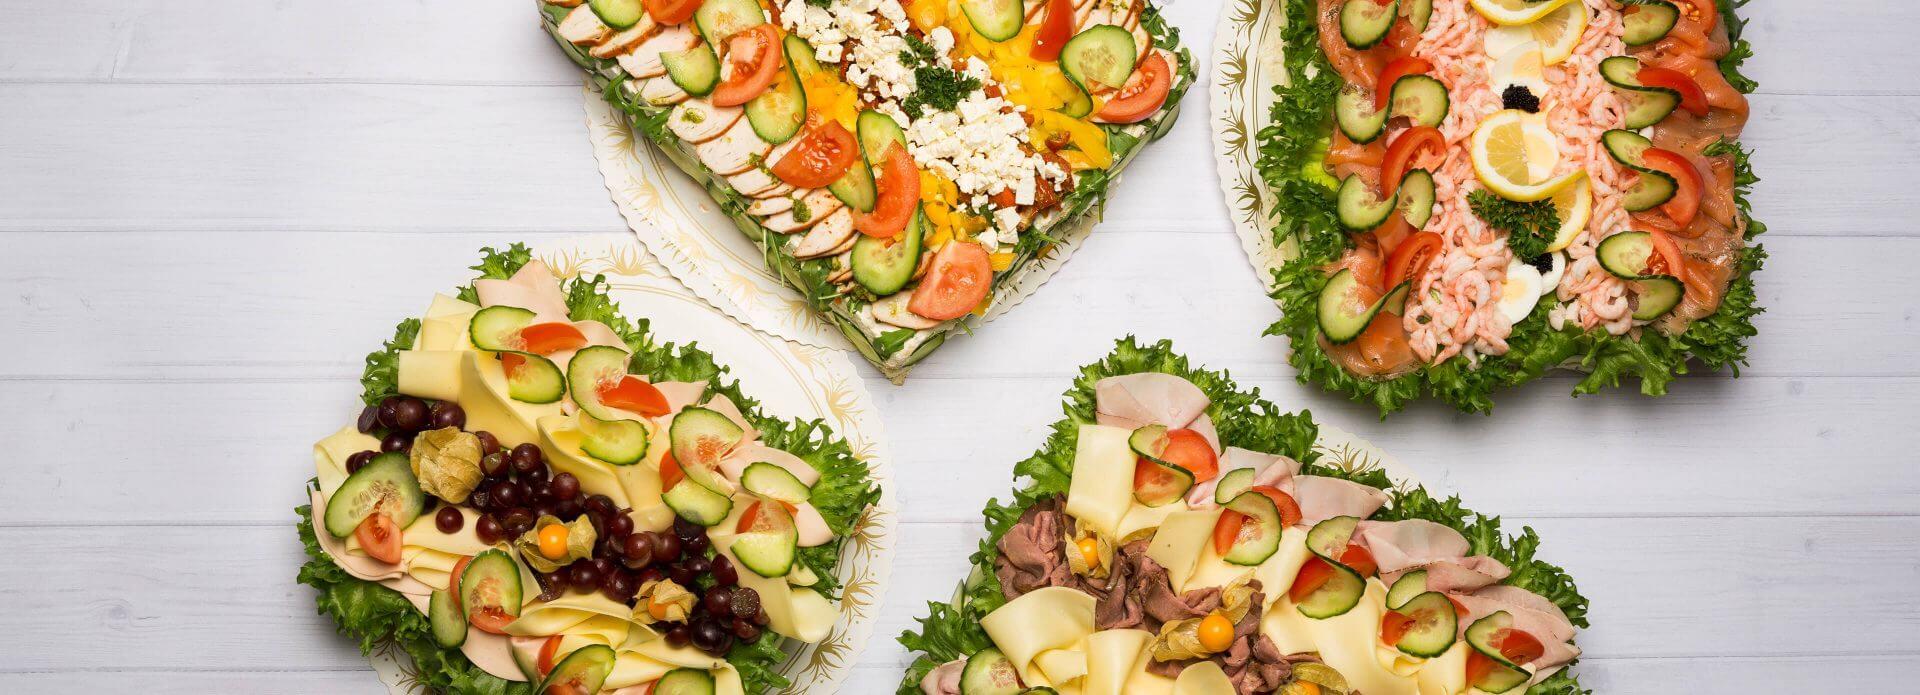 vegetarisk smörgåstårta ica